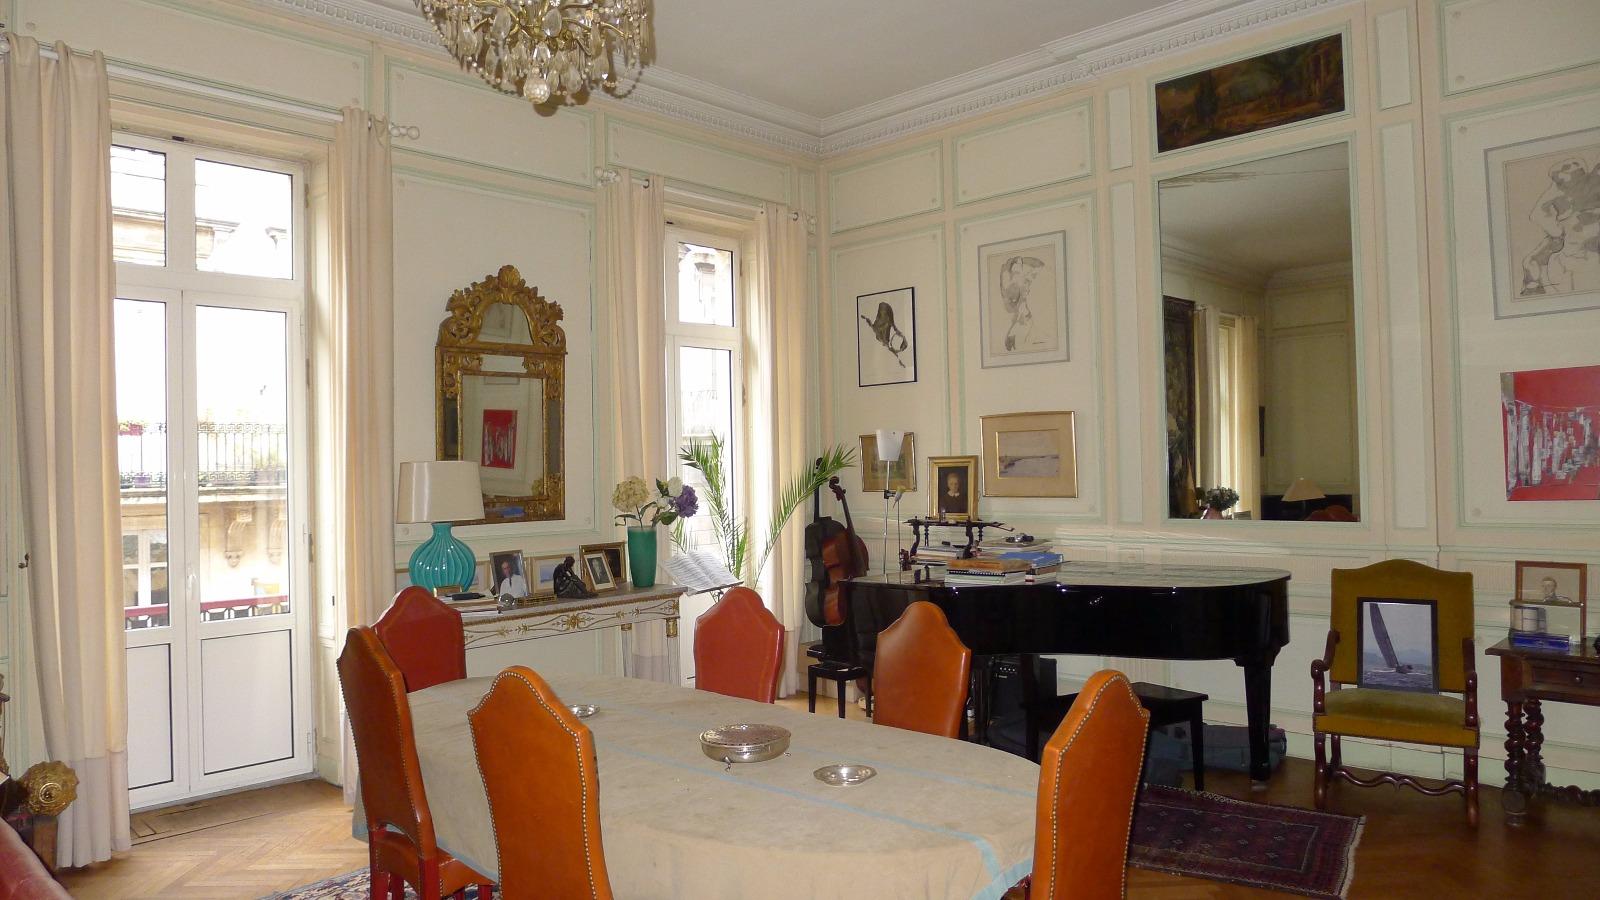 Achat appartement bordeaux place des quinconces hb for Achat appartement bordeaux